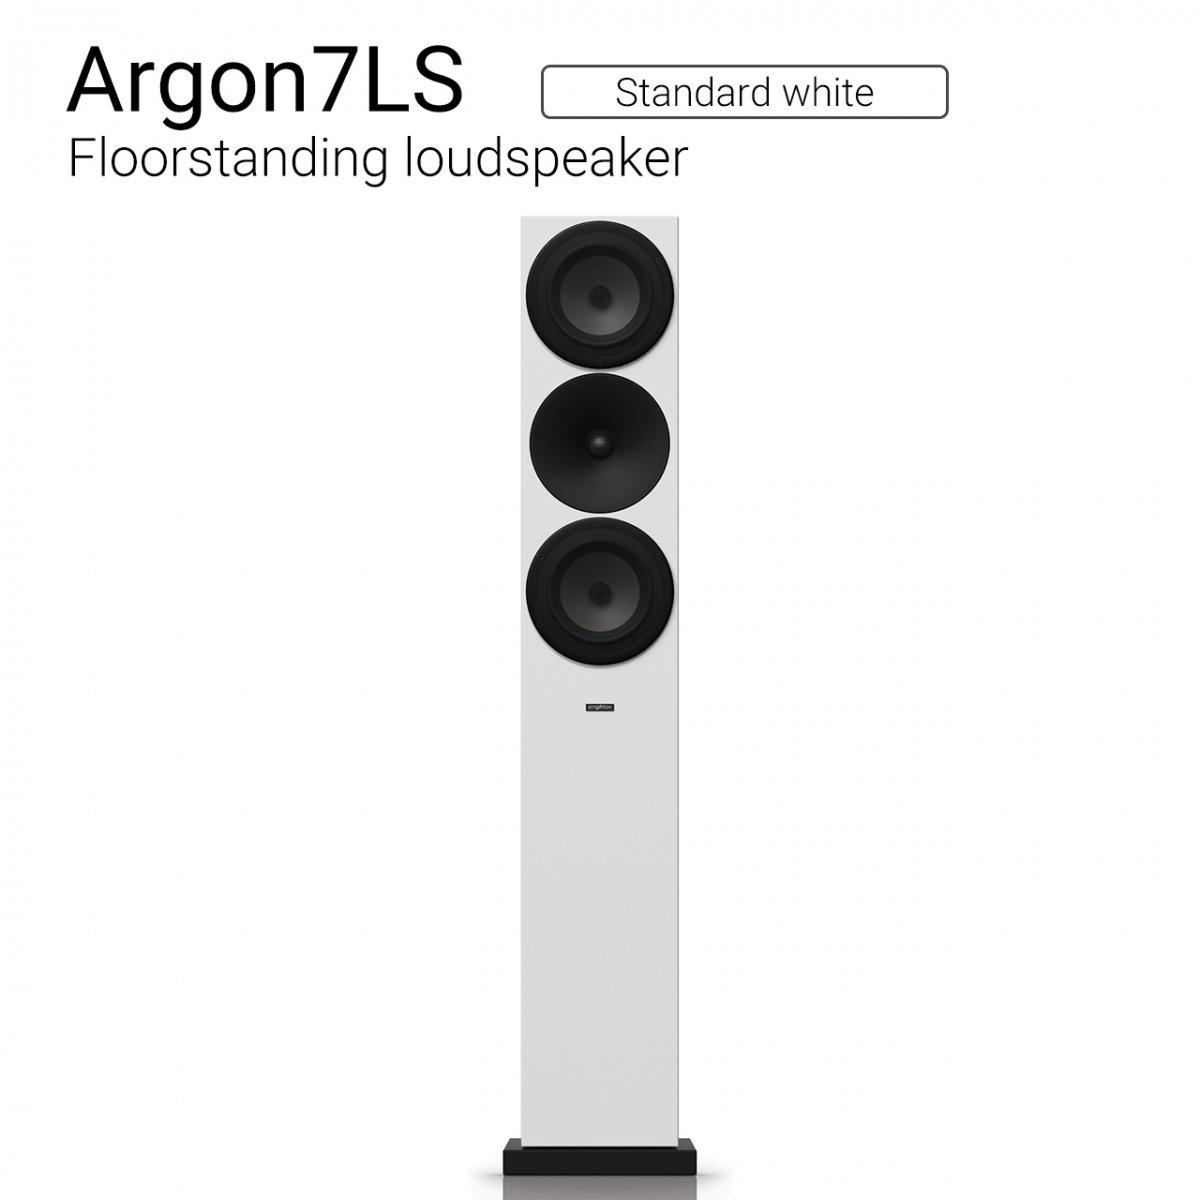 Argon7LS (Standard white) Floorstanding Loudspeaker【ペア】